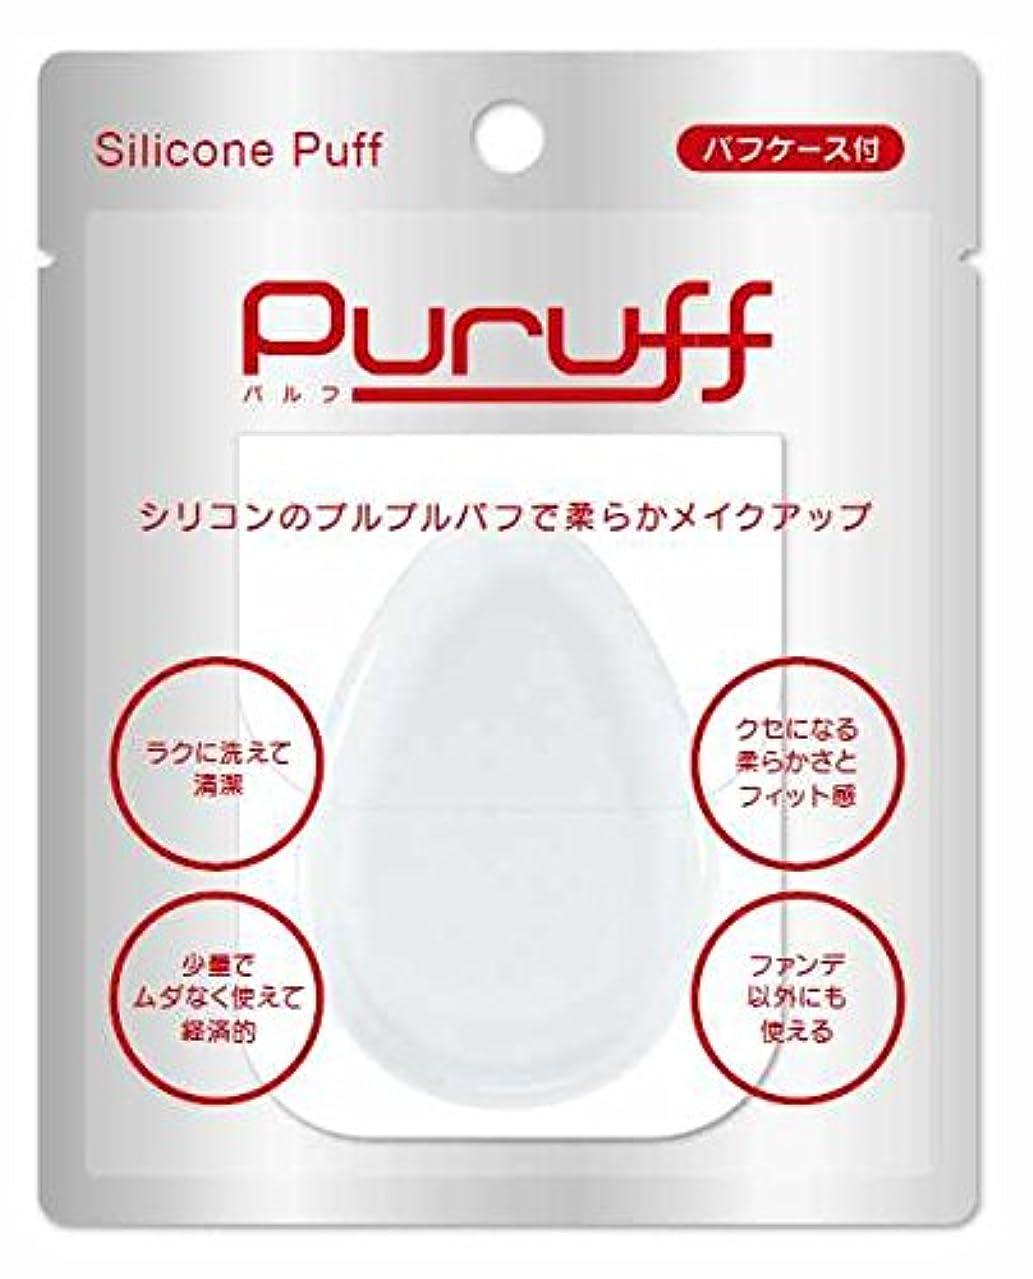 チャレンジフォージ銅Puruff(パルフ) シリコンパフ カバー付 【まとめ買い6個セット】